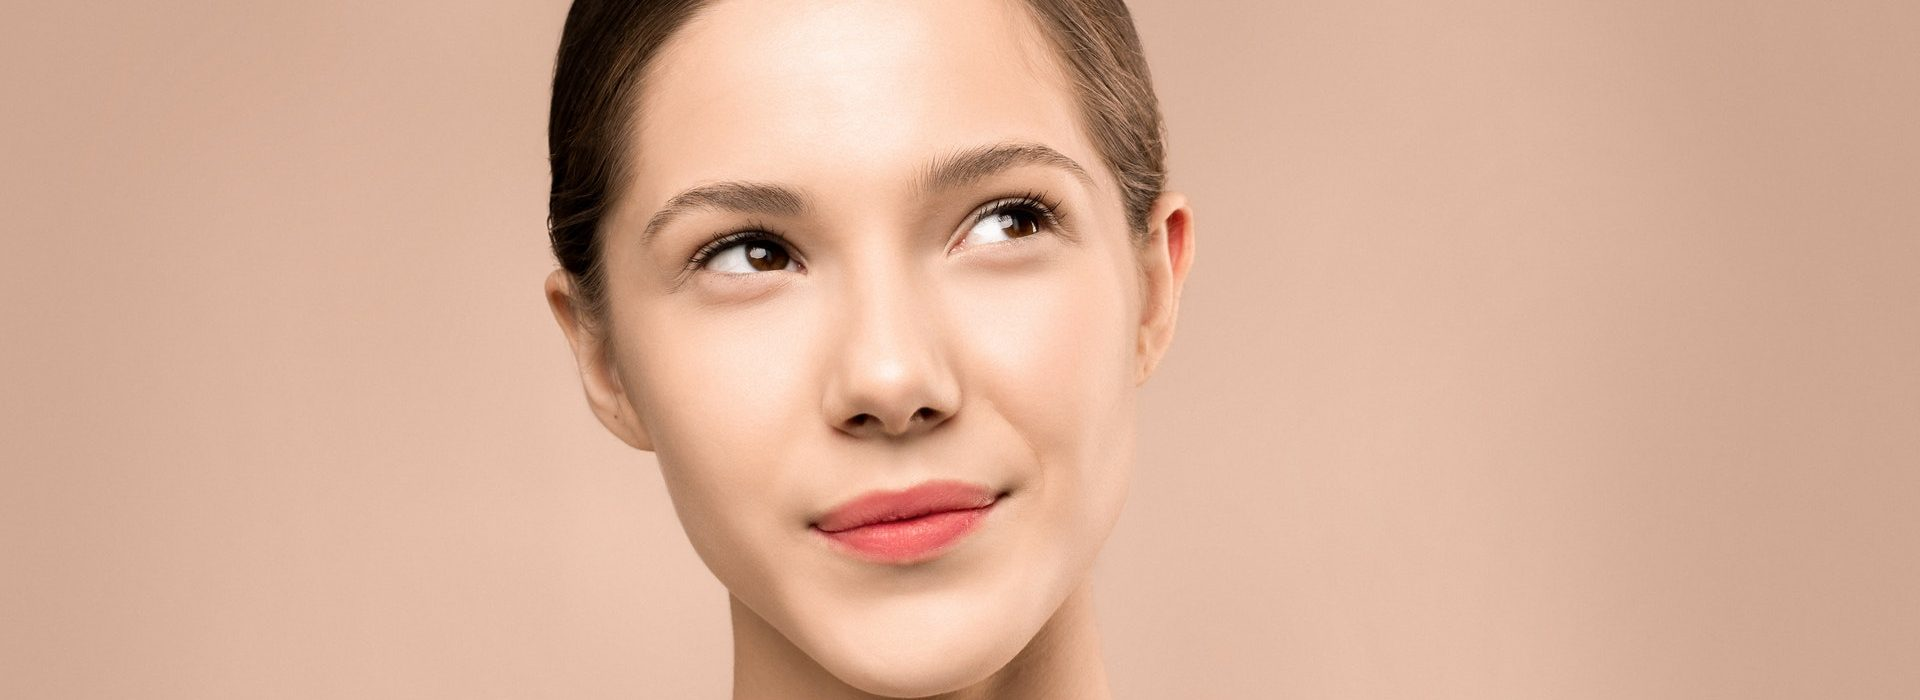 Portraitfoto einer jungen Frau die nachdenklich schaut